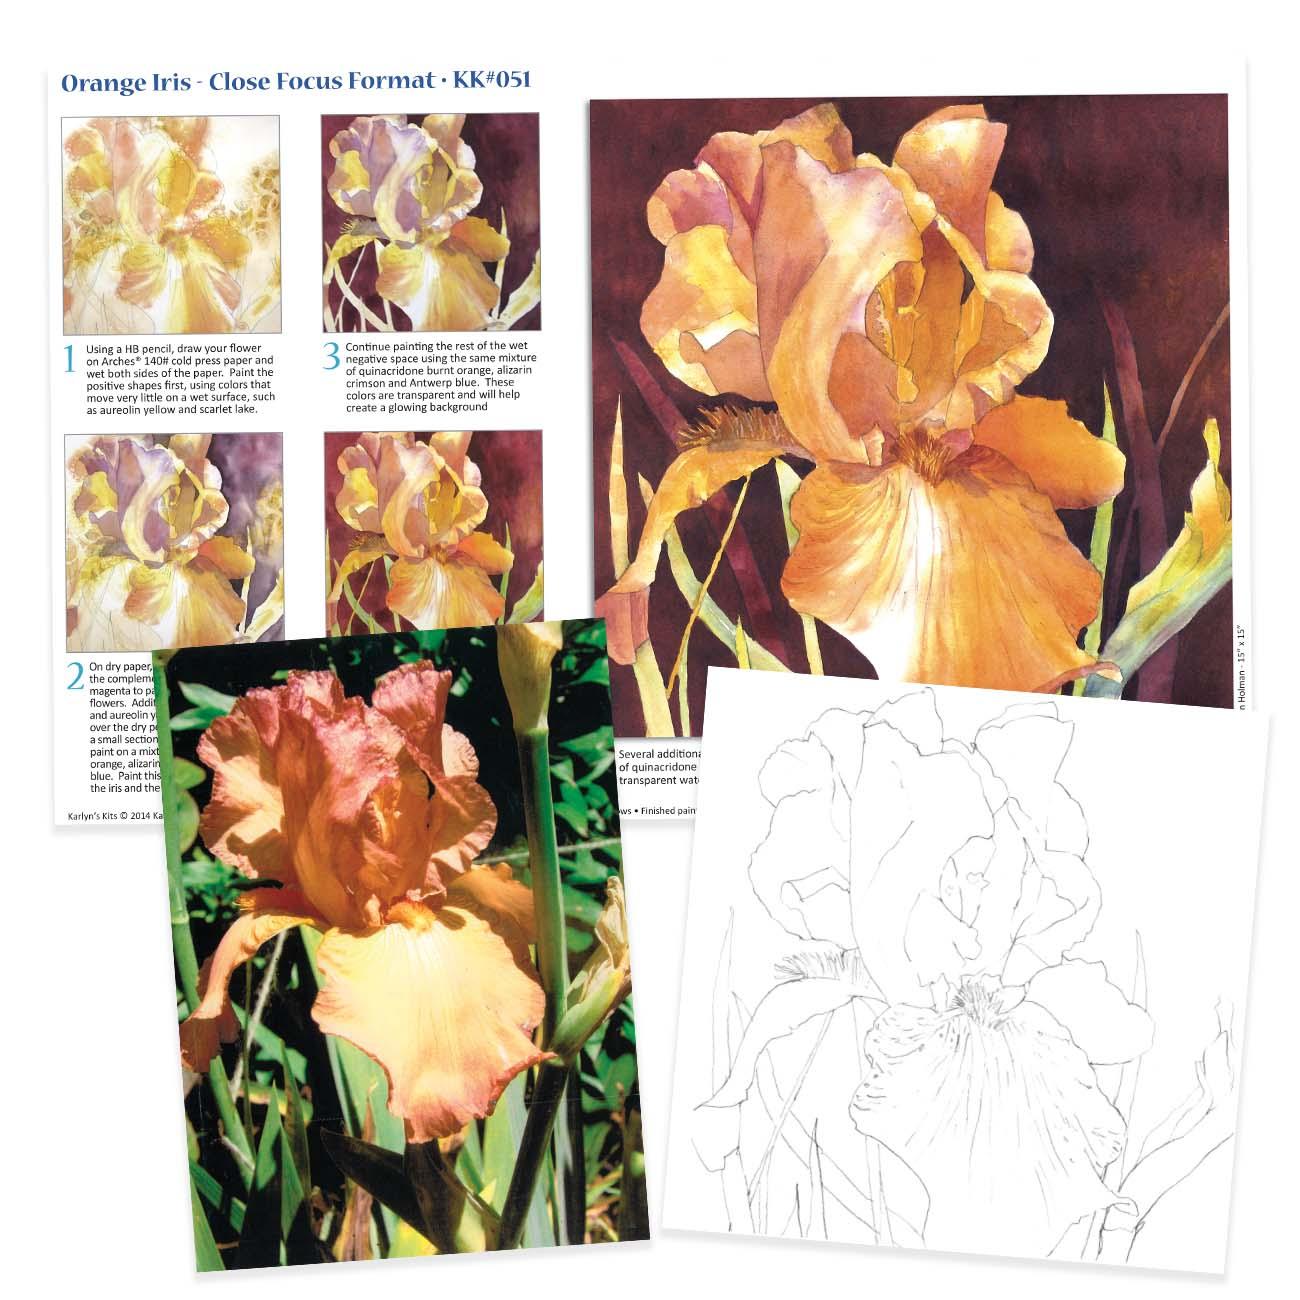 KK051 Orange Iris - Close Focus